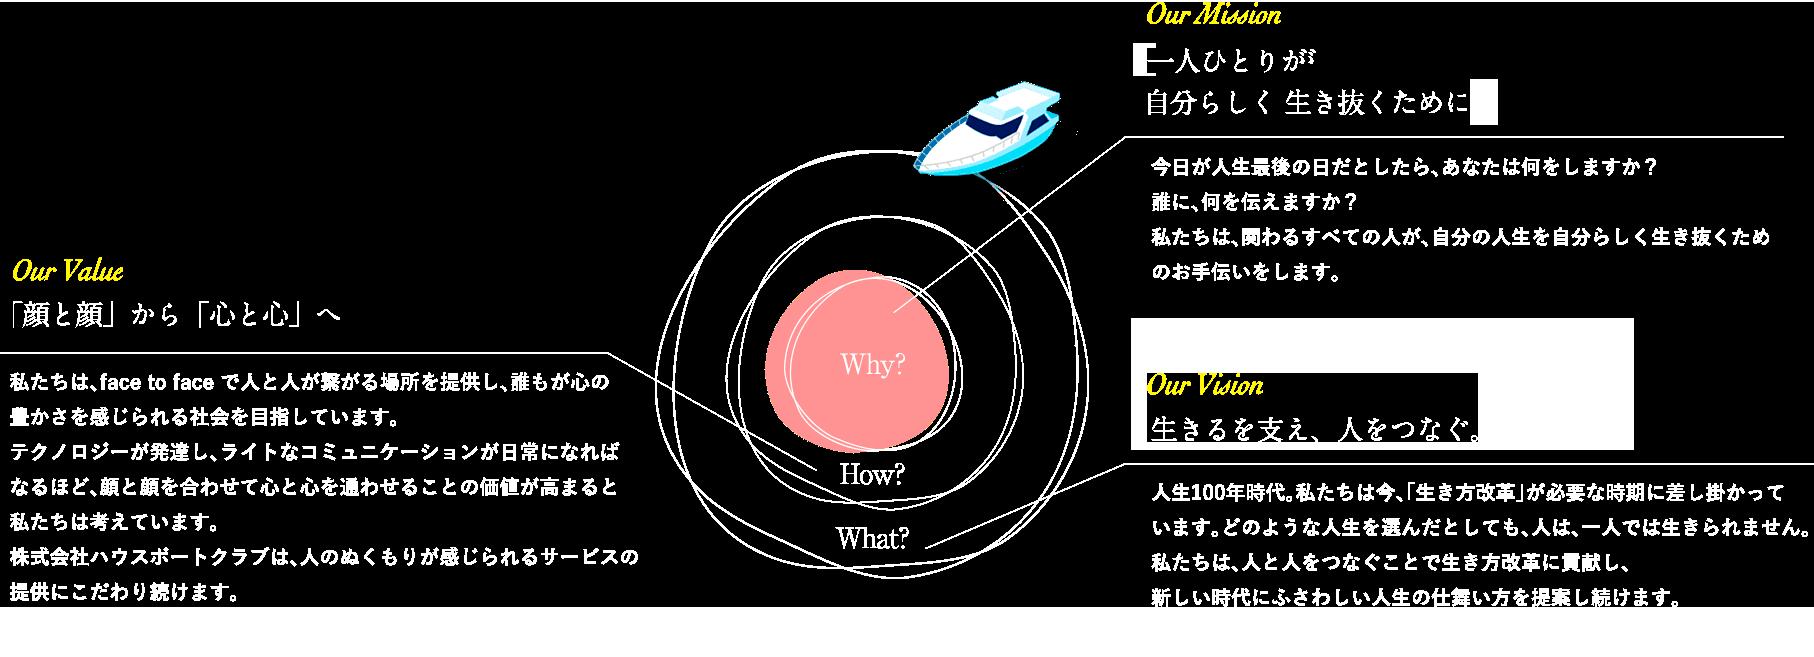 ミッション・バリュー・ビジョン